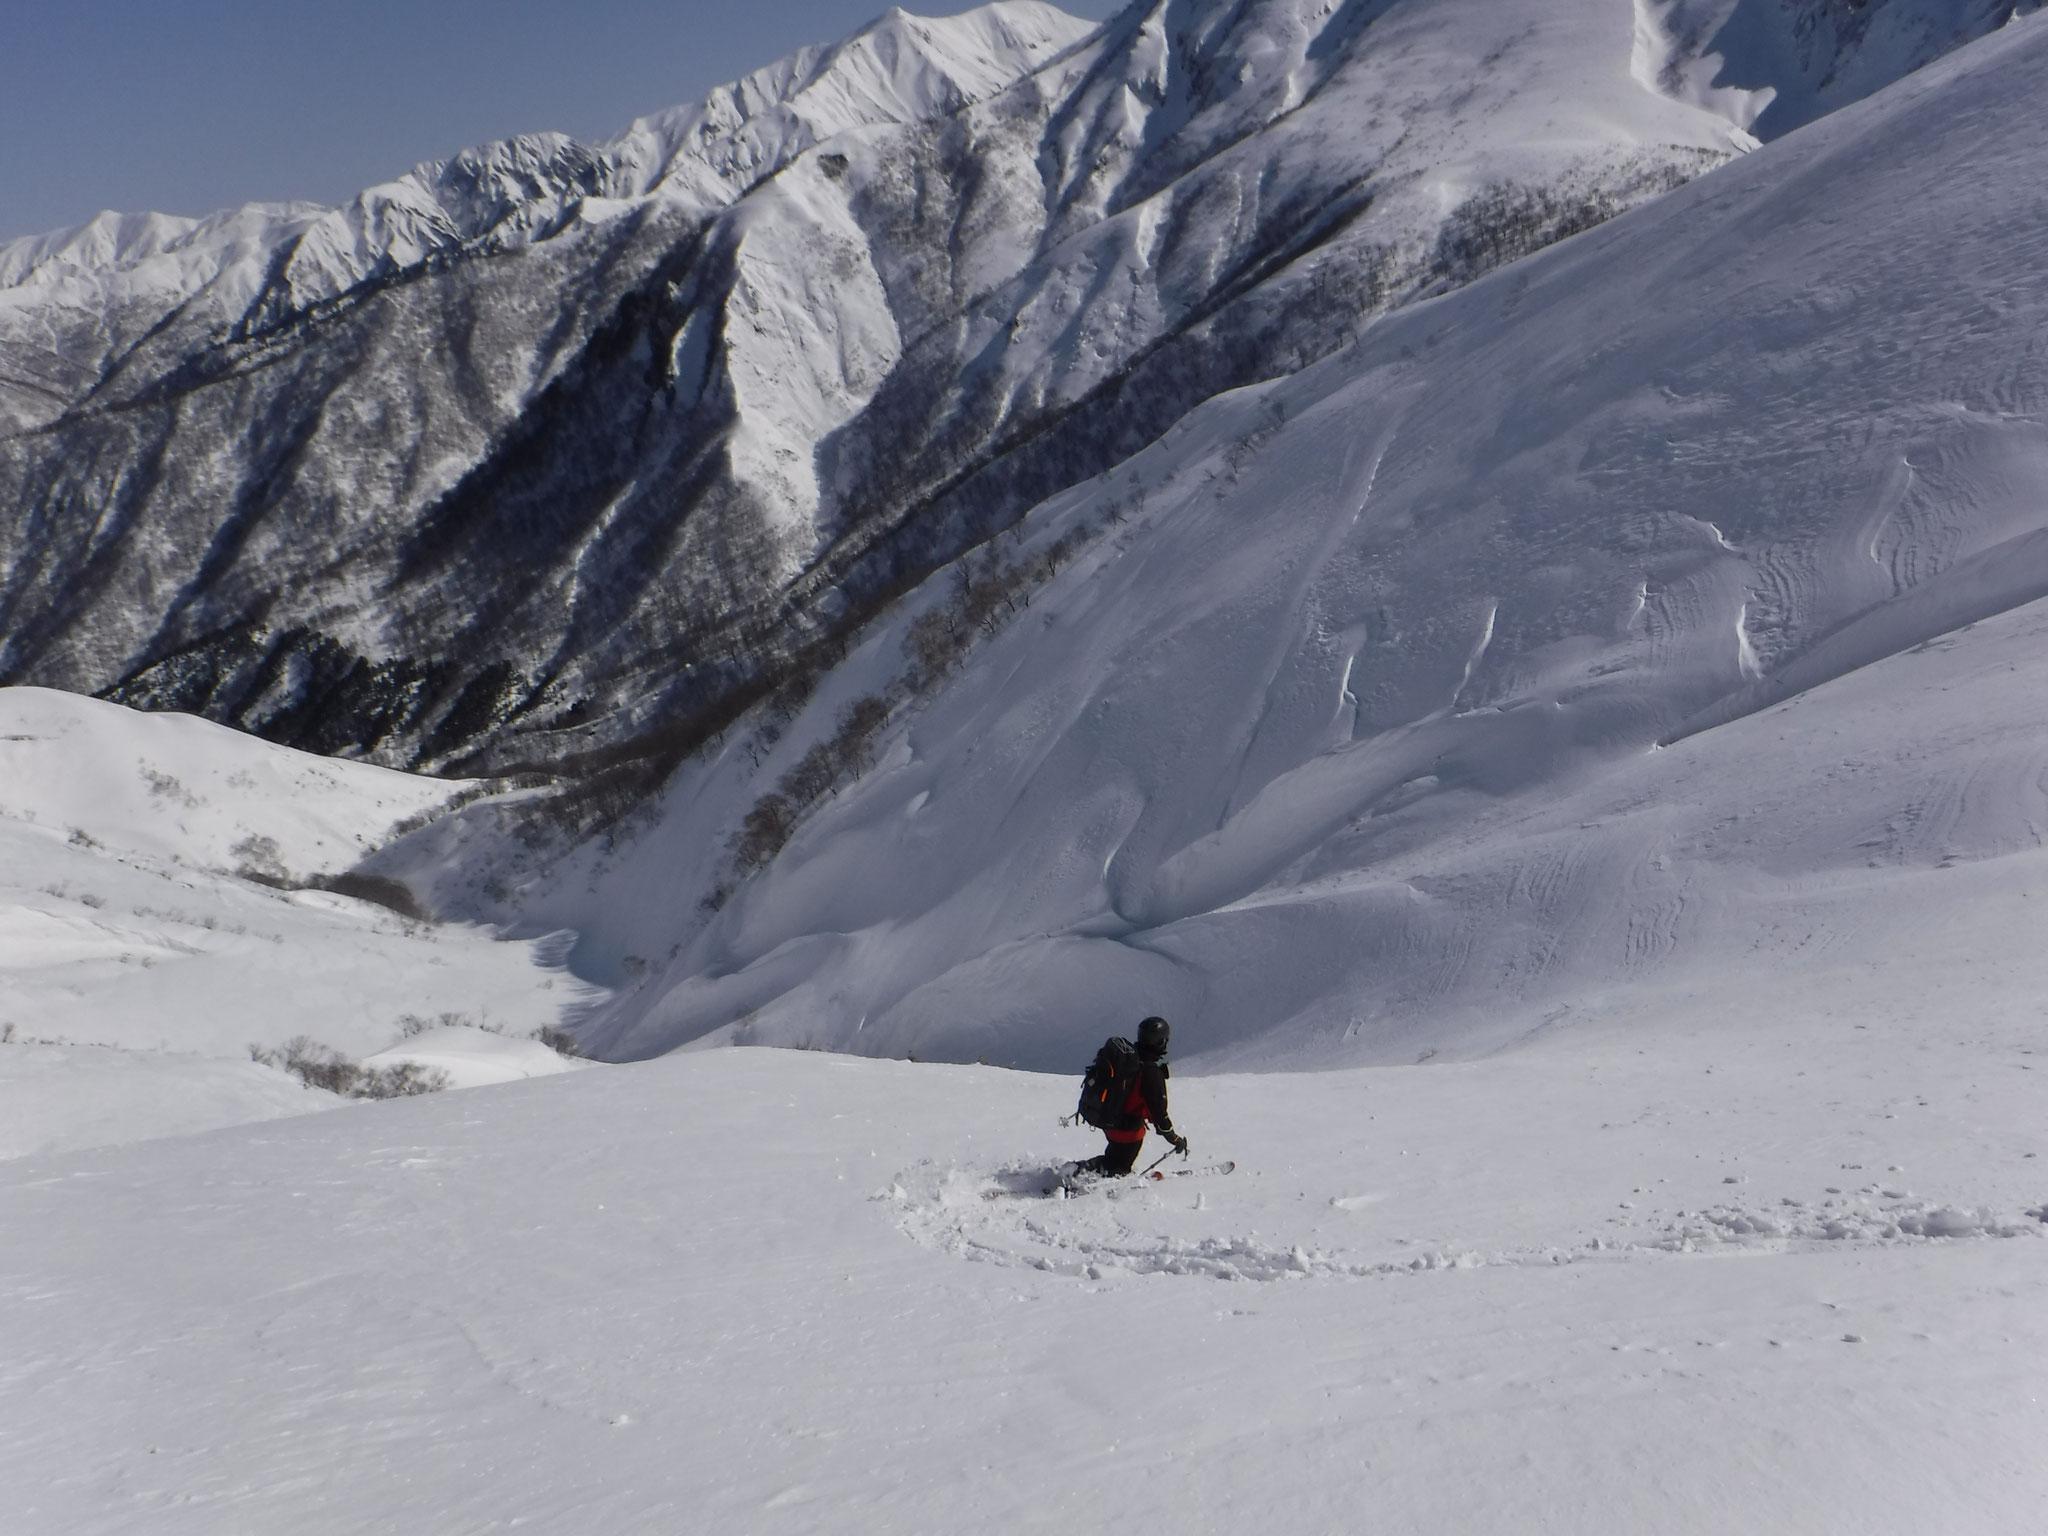 9:50 山頂から毛渡沢までは標高差1000mの快適な斜面